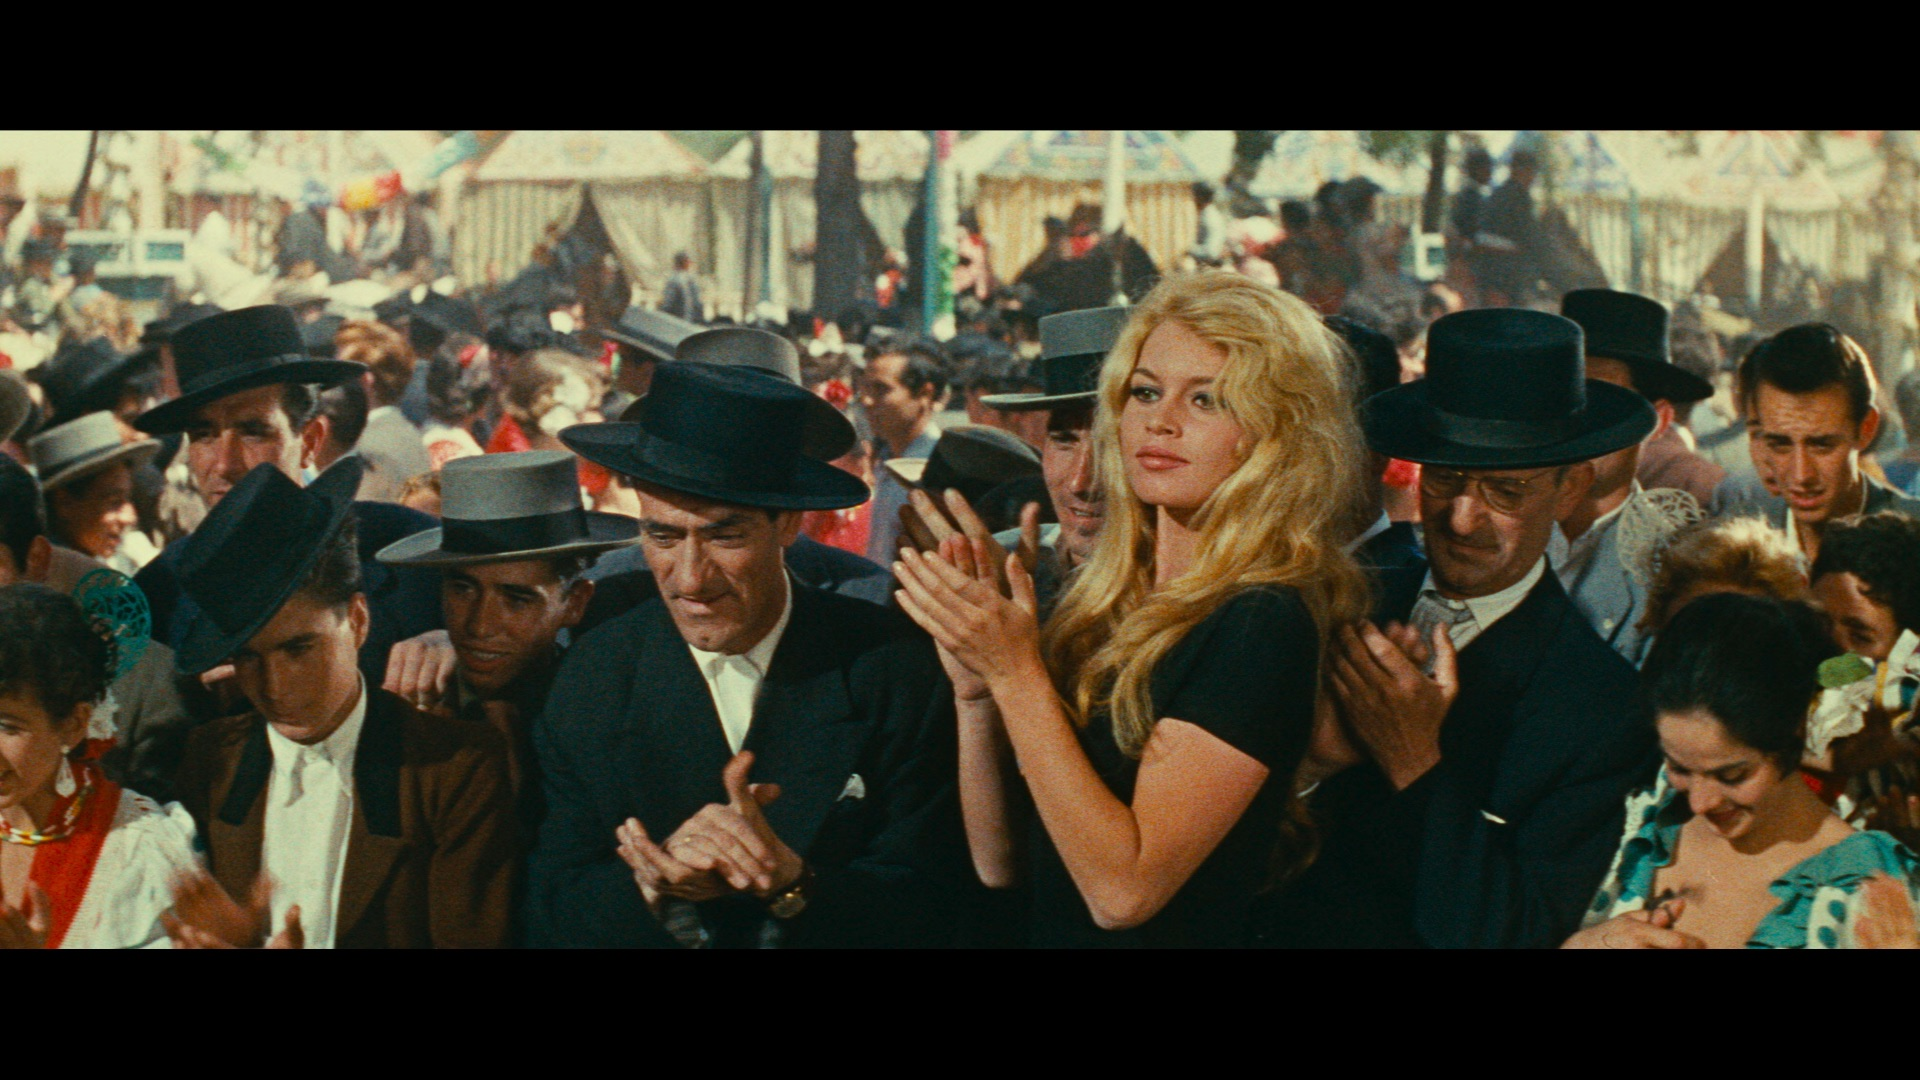 LA FEMME ET LE PANTIN - DUVIVIER (1959) - DVD + BRD